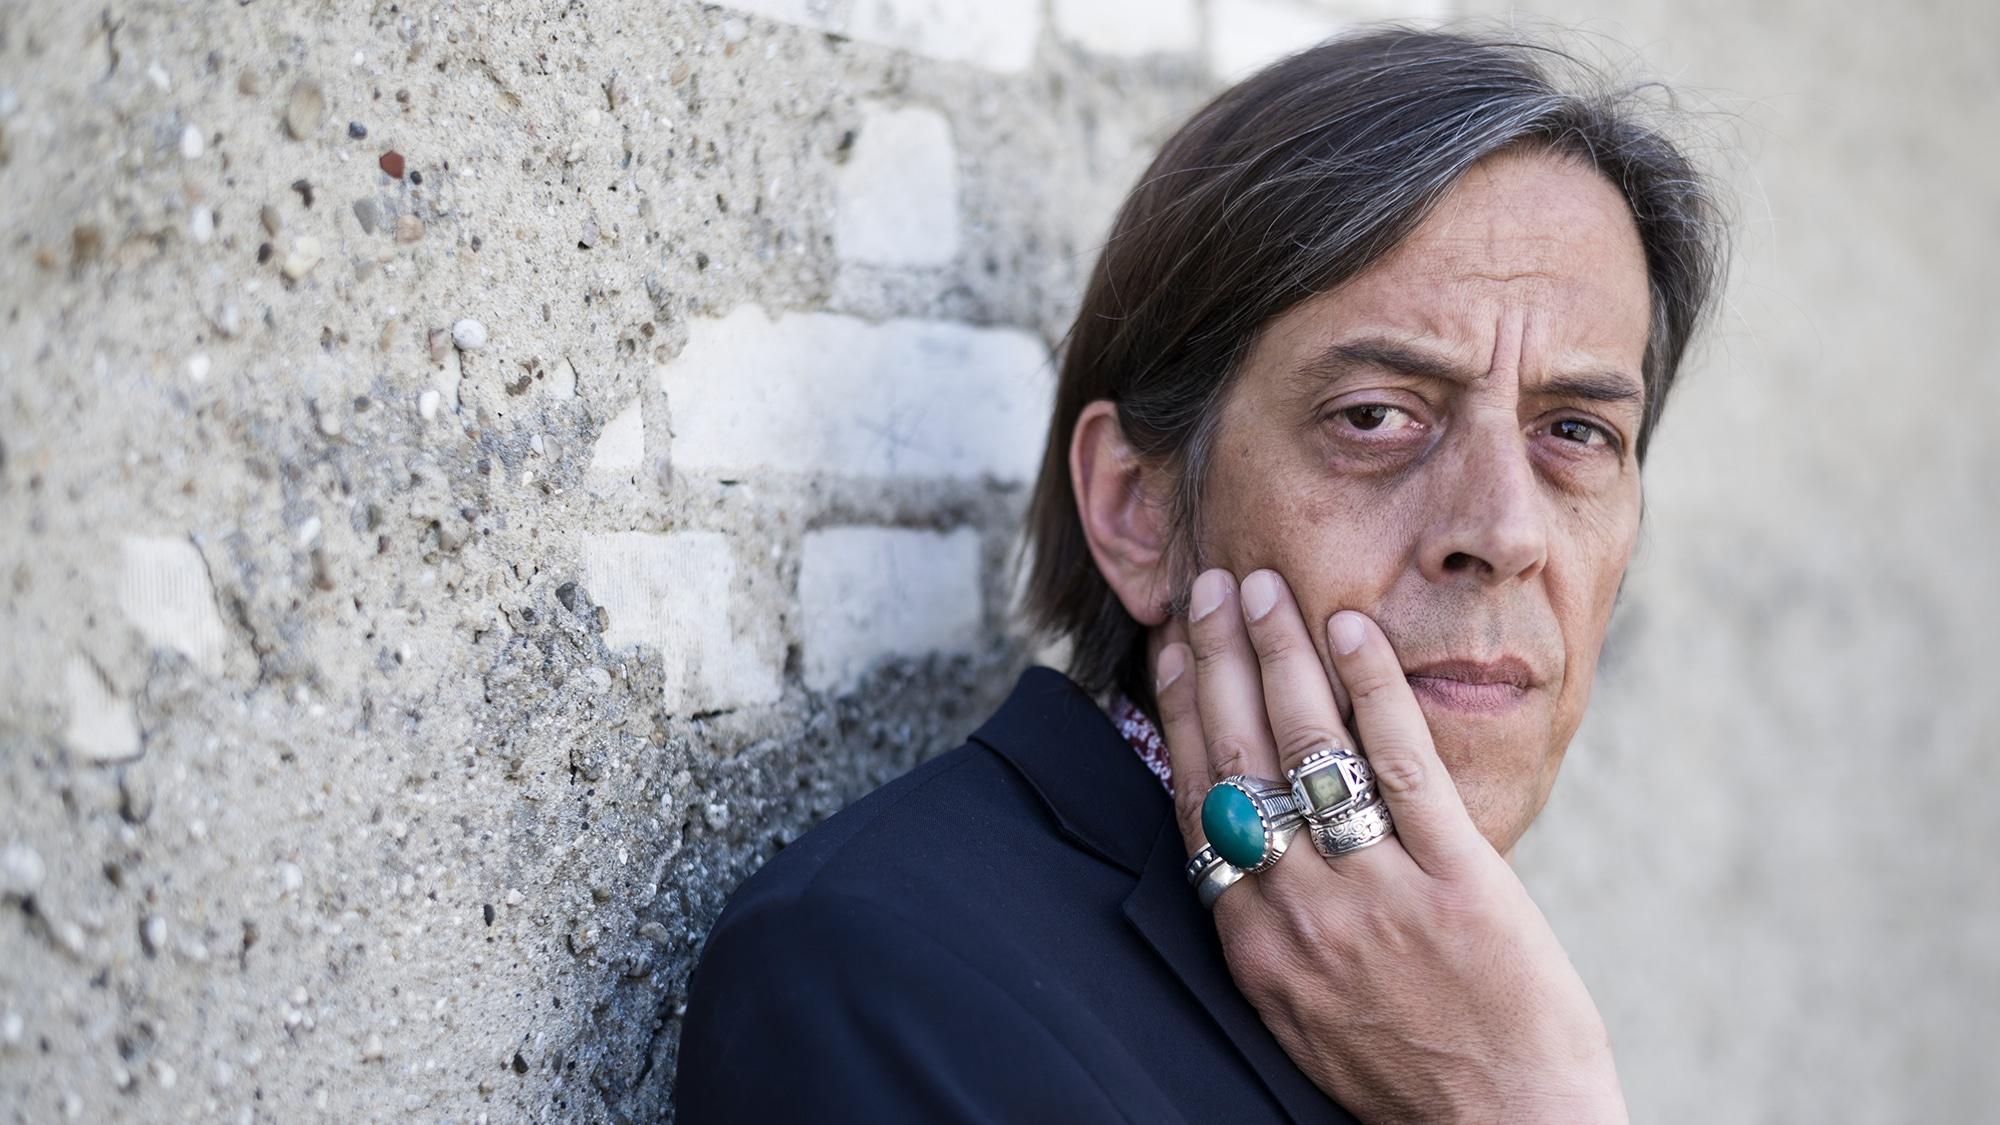 Der Langenthaler Schriftsteller und Dialektautor Pedro Lenz, am Montag, 6. Juni 2016 in Olten. (KEYSTONE/Alessandro della Val